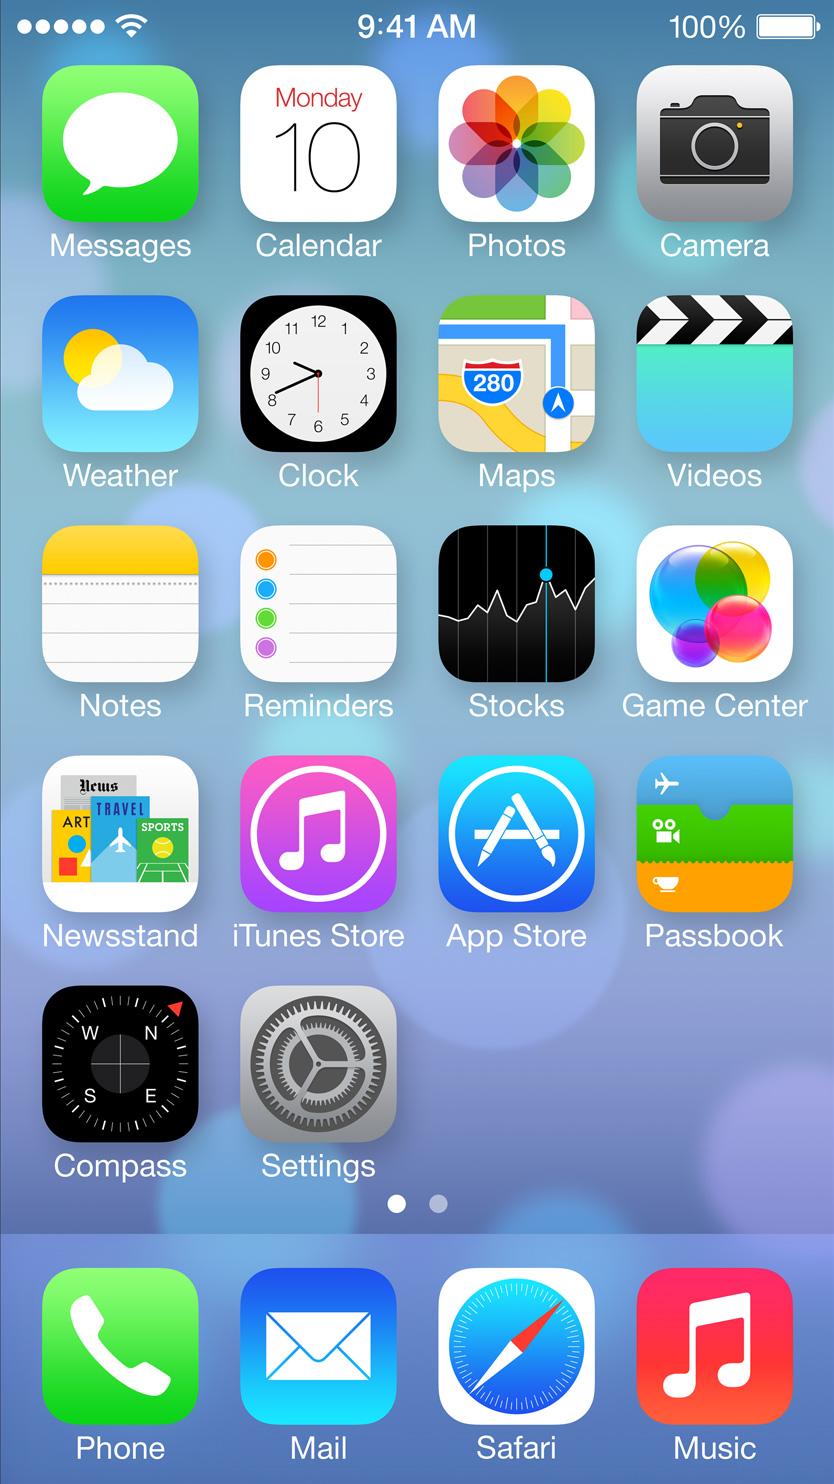 come vedere se il mio iphone è 4 o 4s